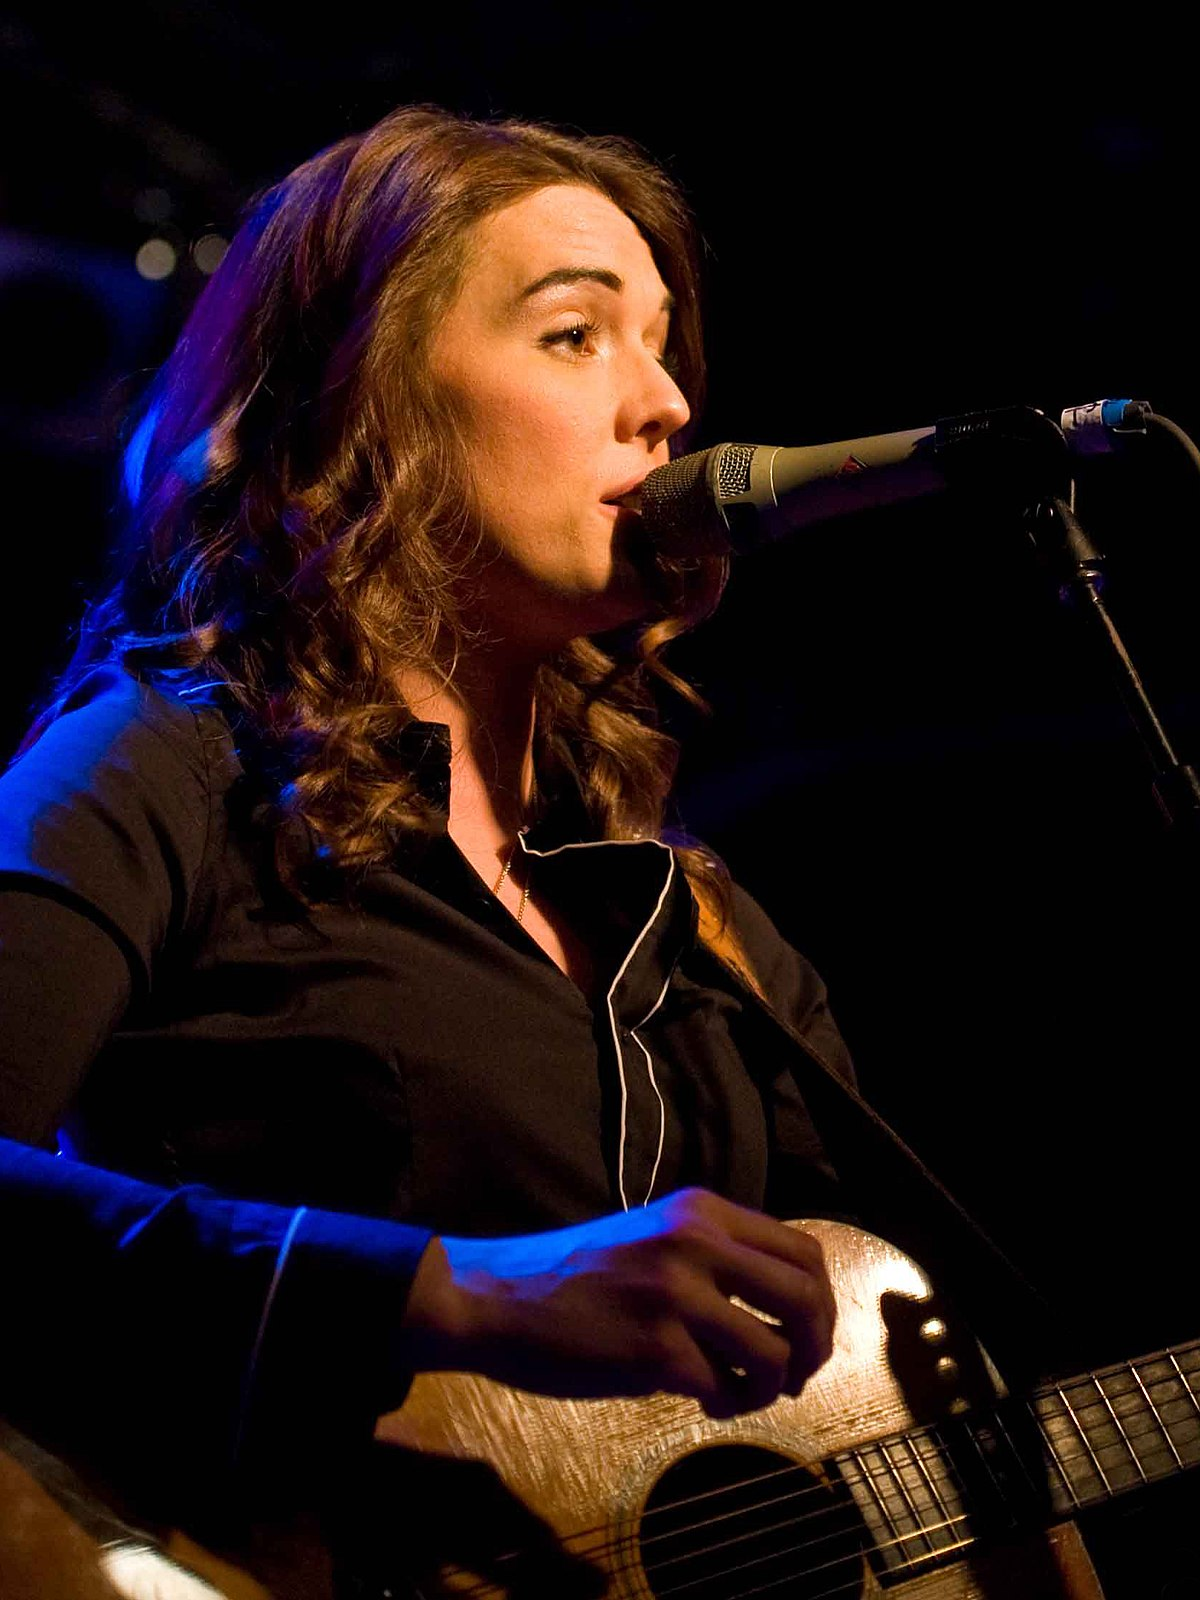 Pearl jam daughter guitar